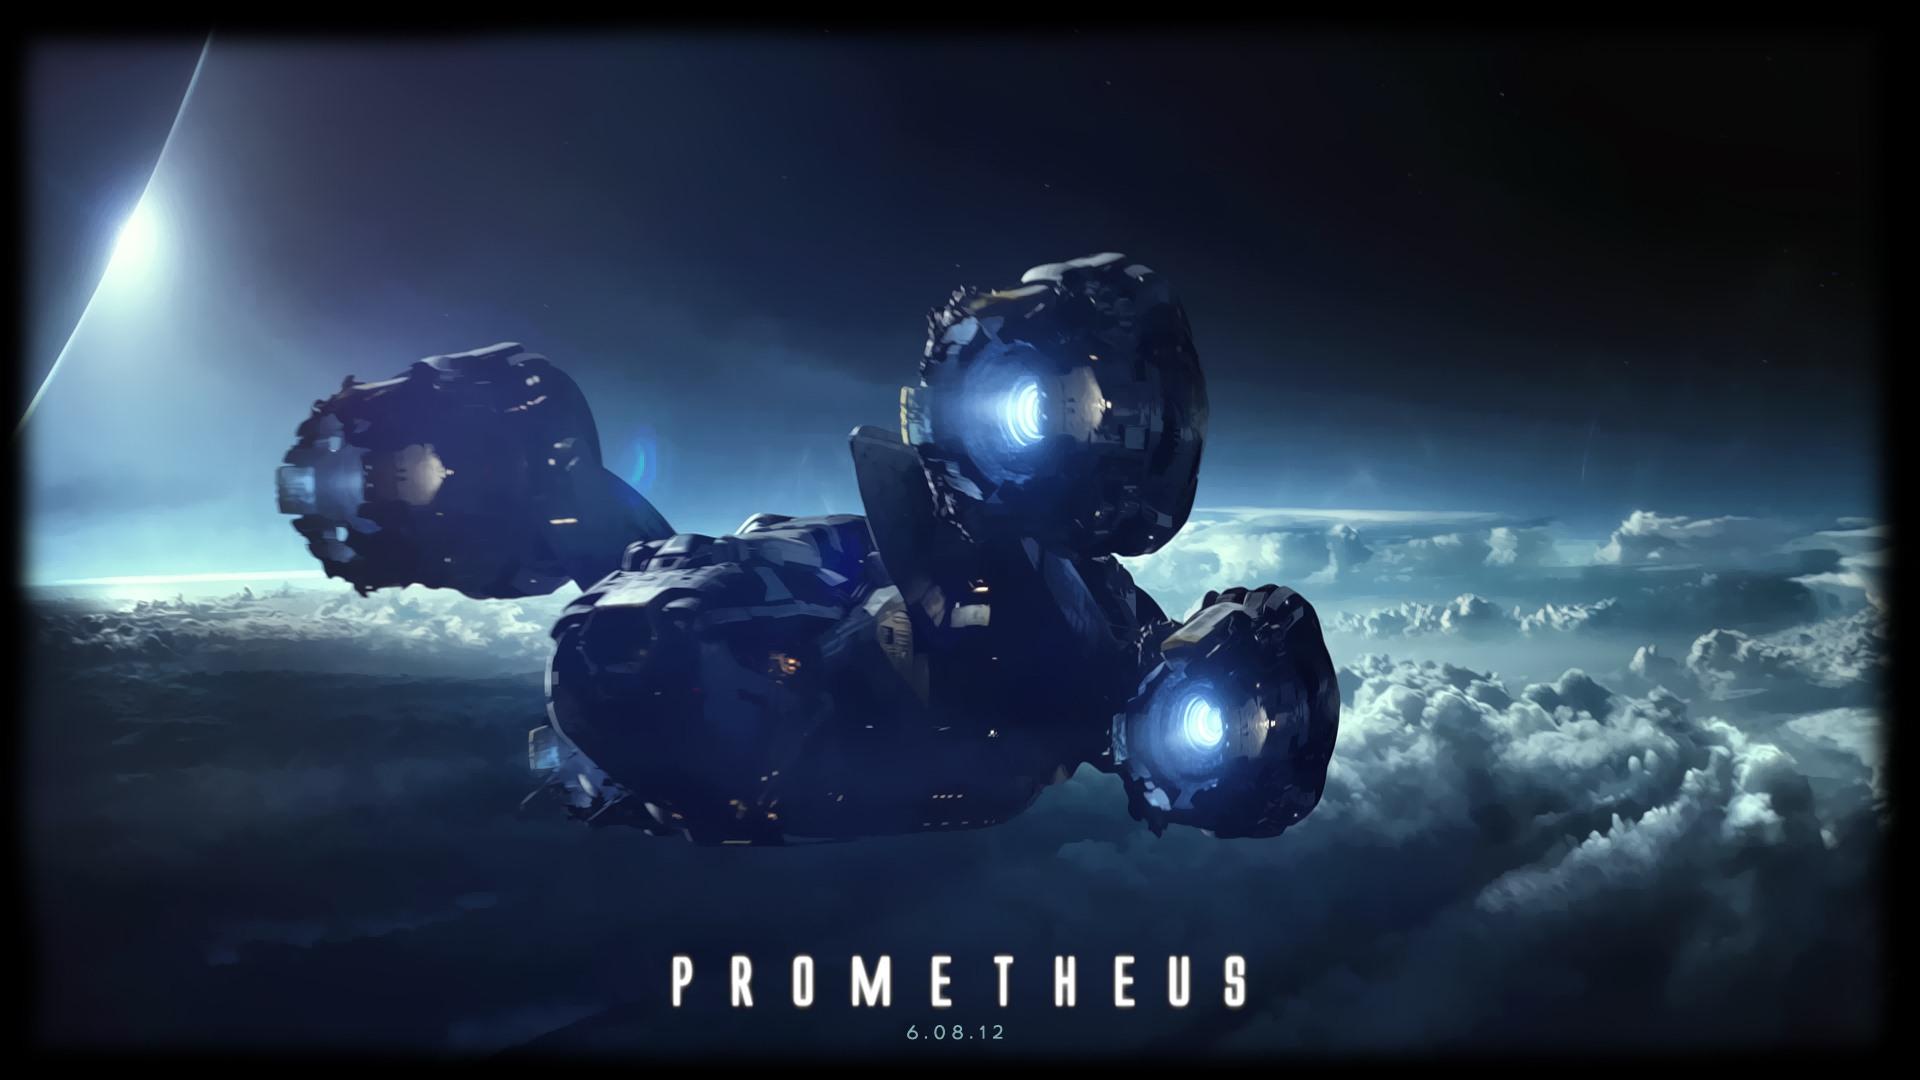 プロメテウス (映画)の画像 p1_32